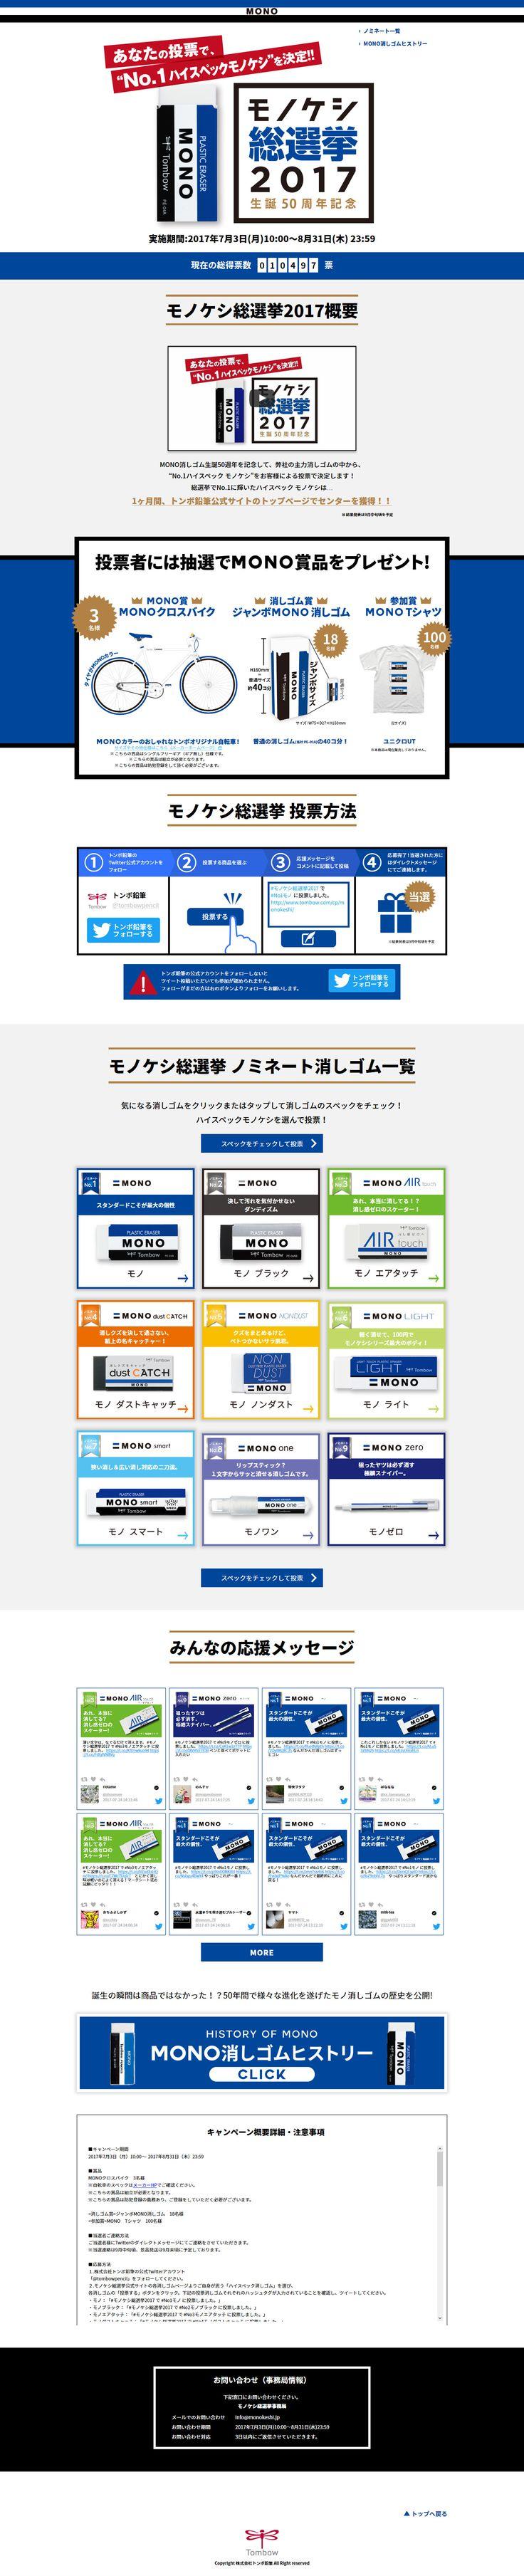 モノケシ総選挙2017 http://www.tombow.com/cp/monokeshi/